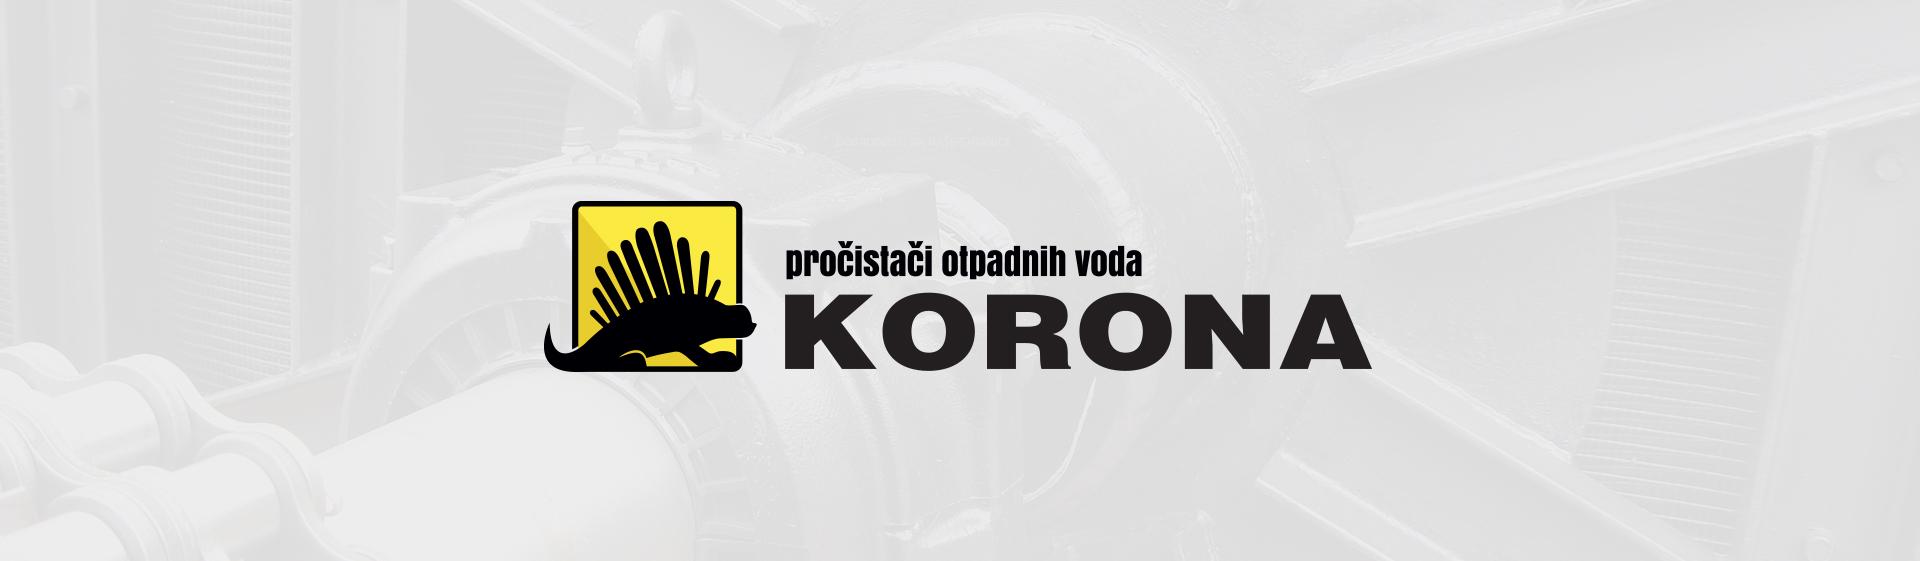 Korona_dobrodosli_slider_1